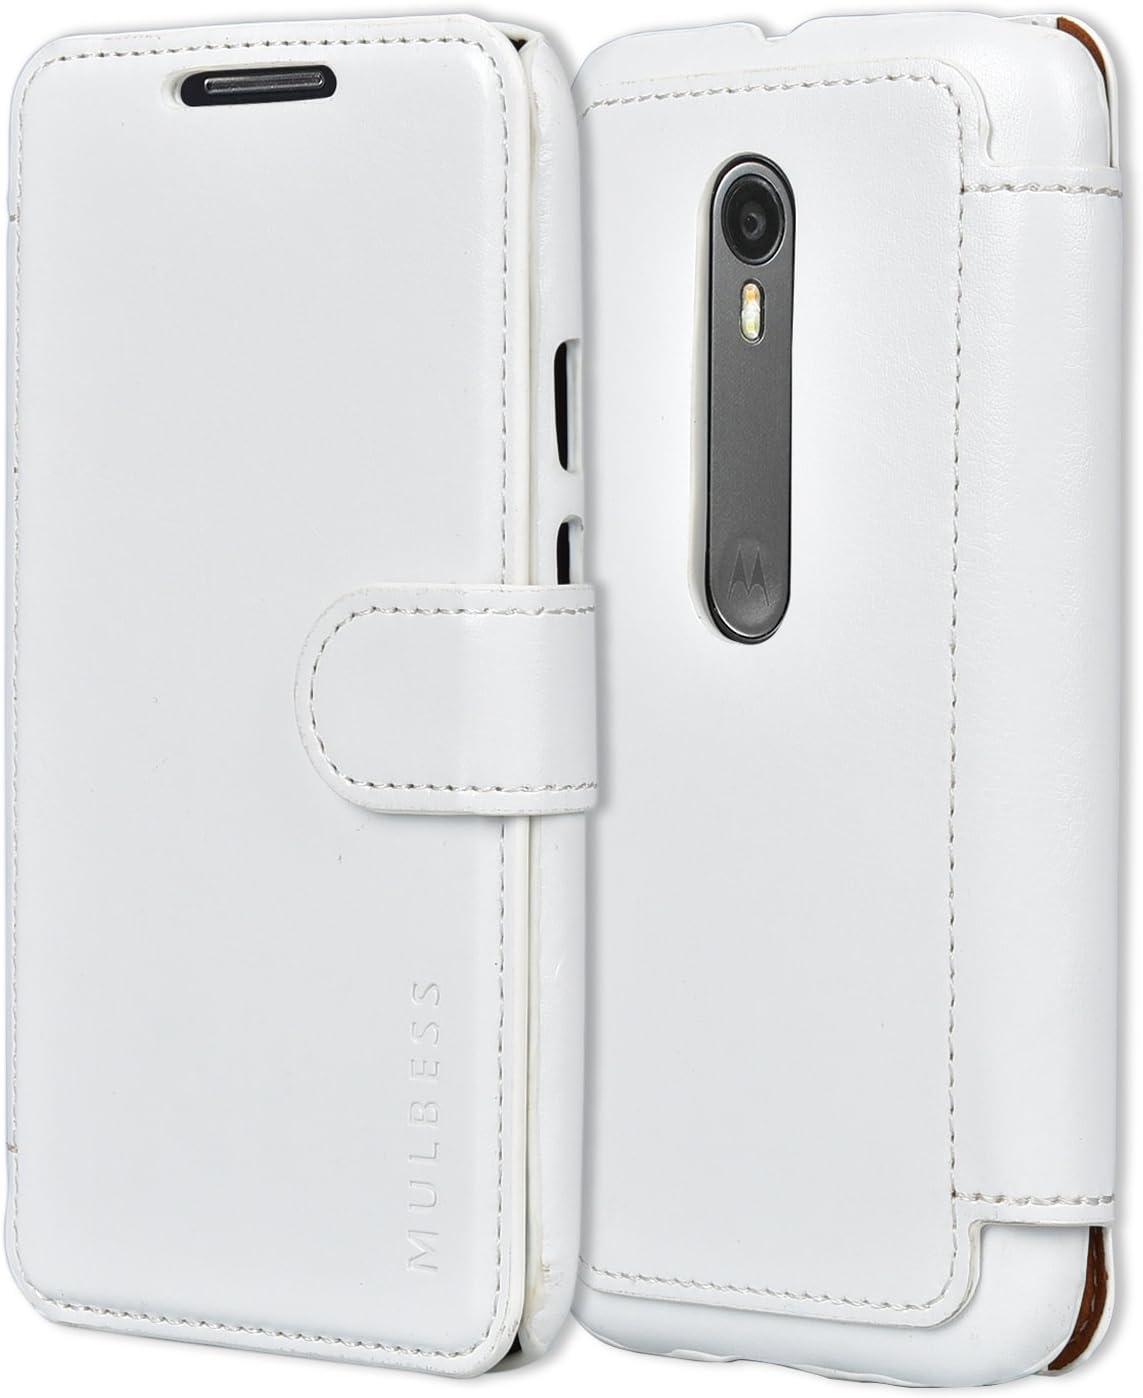 Mulbess Funda Motorola Moto G 3rd [Libro Caso Cubierta] [En Capas de Billetera Cuero de la PU] con Tapa Magnética Carcasa para Motorola Moto G 3 Gen Case, Blanco